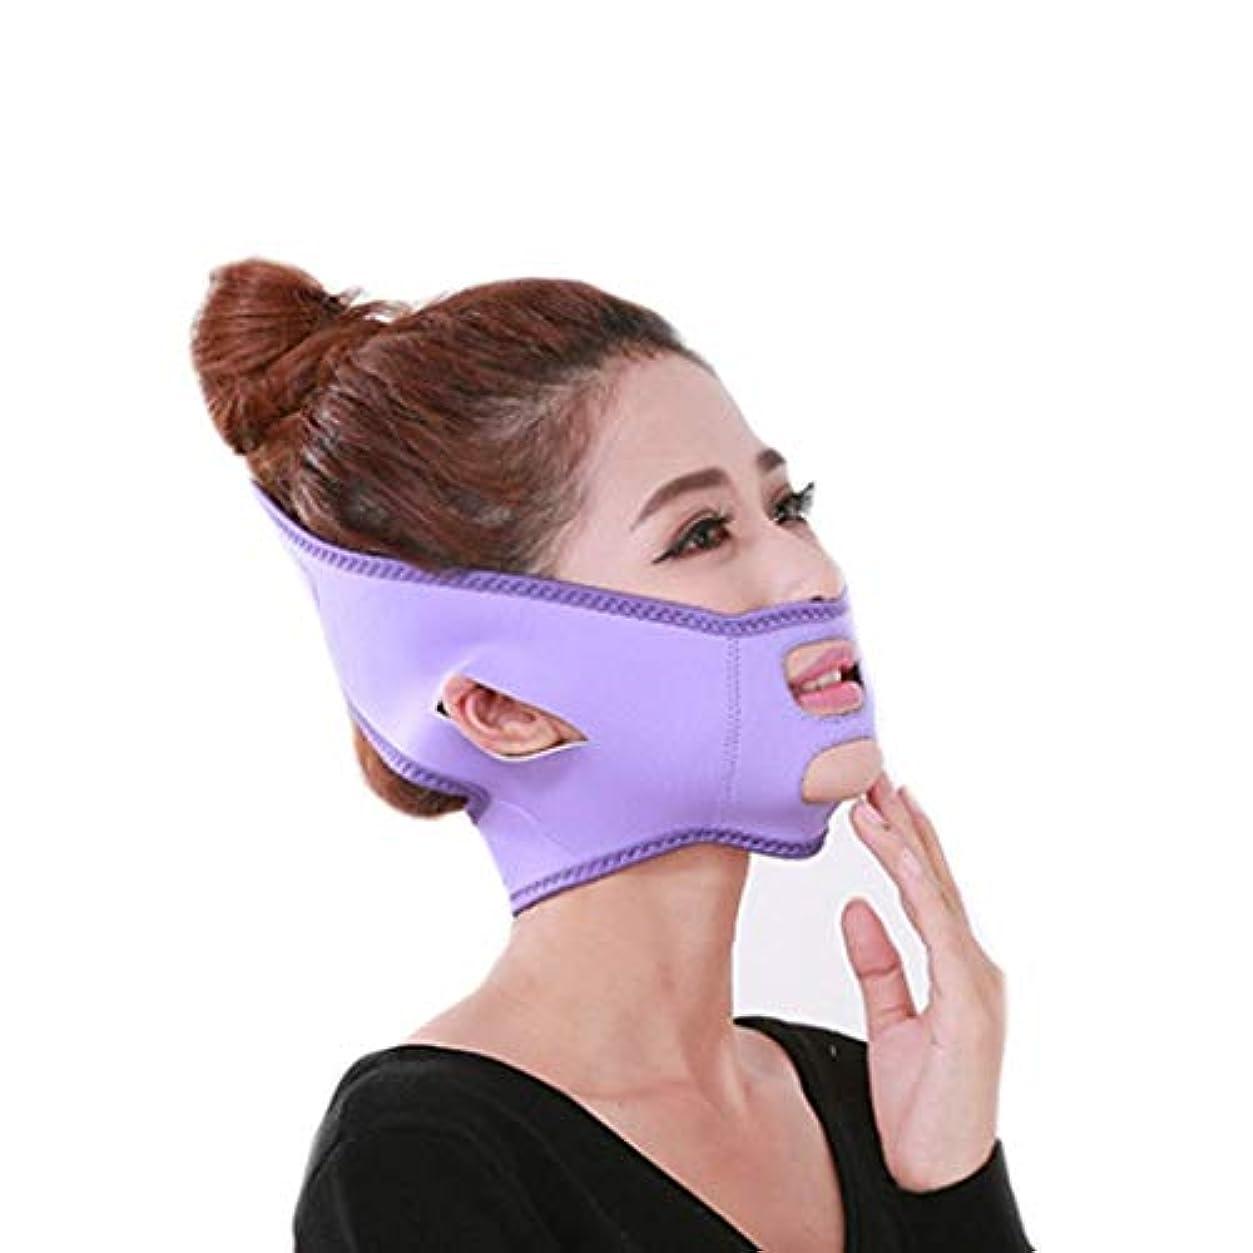 バイパス最適相関するフェイスリフトテープ&バンド、フェイススリミングマスク、ダブルチン、ダブルチンリデューサー、シワ防止マスク、リフティングシェイプ(フリーサイズ)(カラー:ピンク),紫の